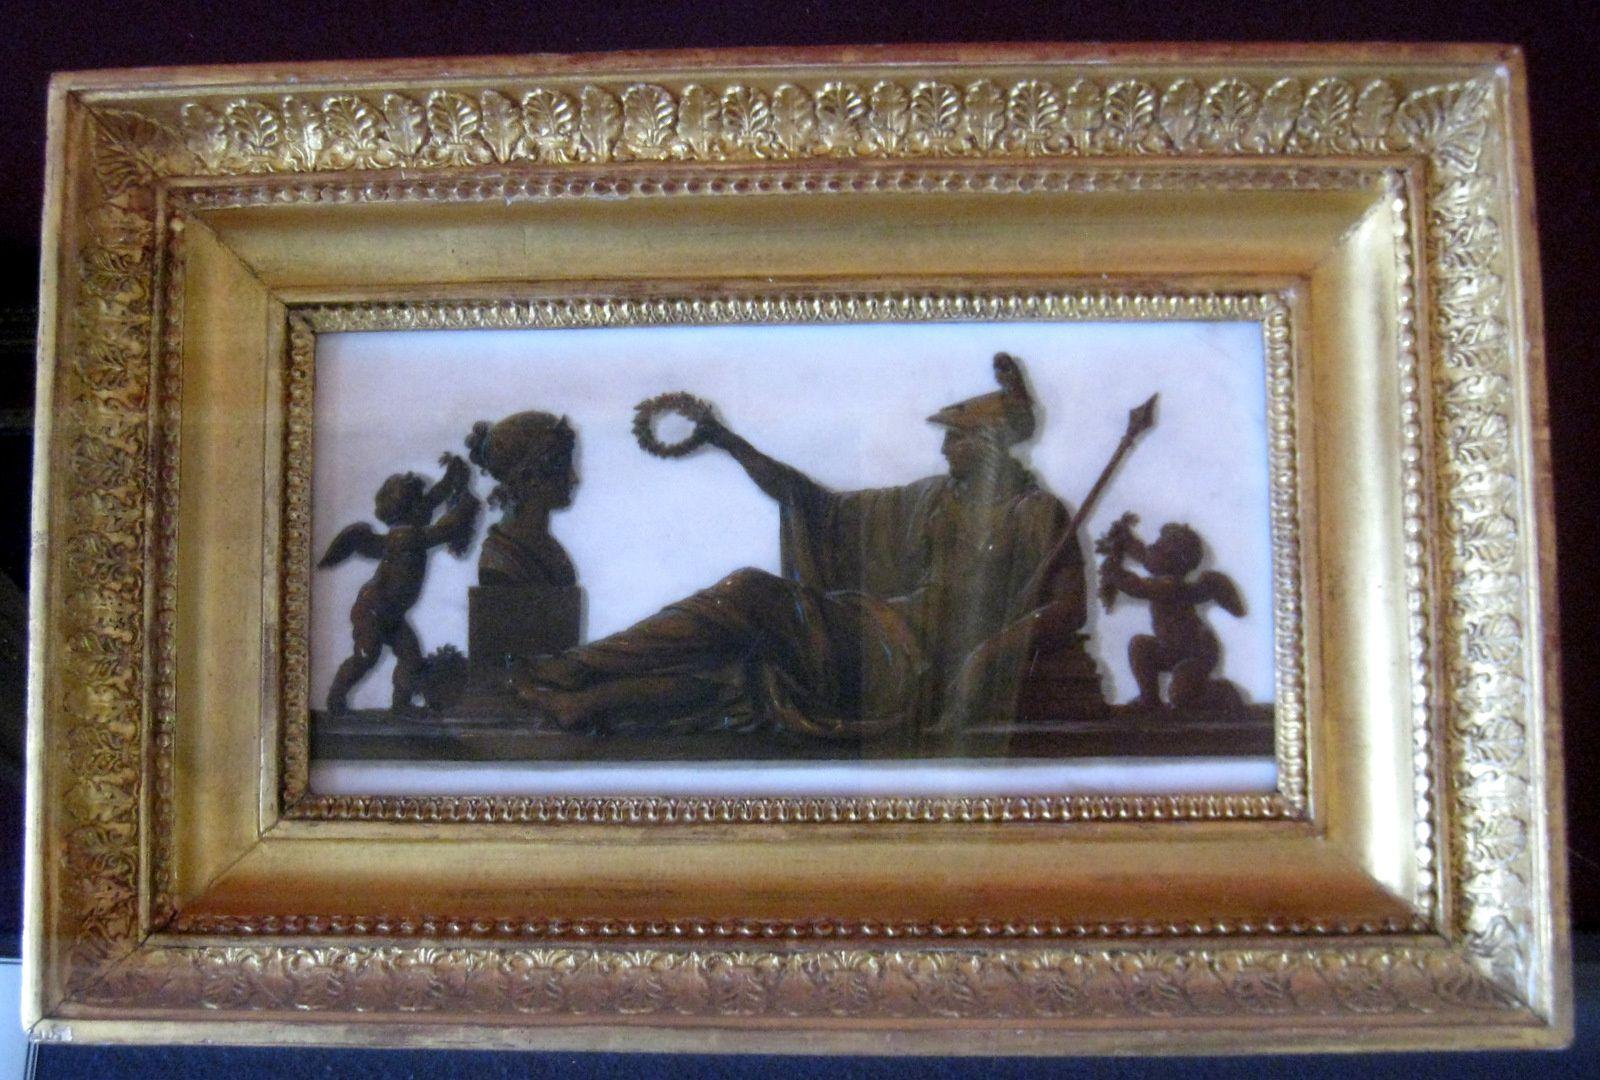 Piat-Joseph Sauvage, allégories à la gloire de Napoléon 1er et de l'Impératrice Joséphine